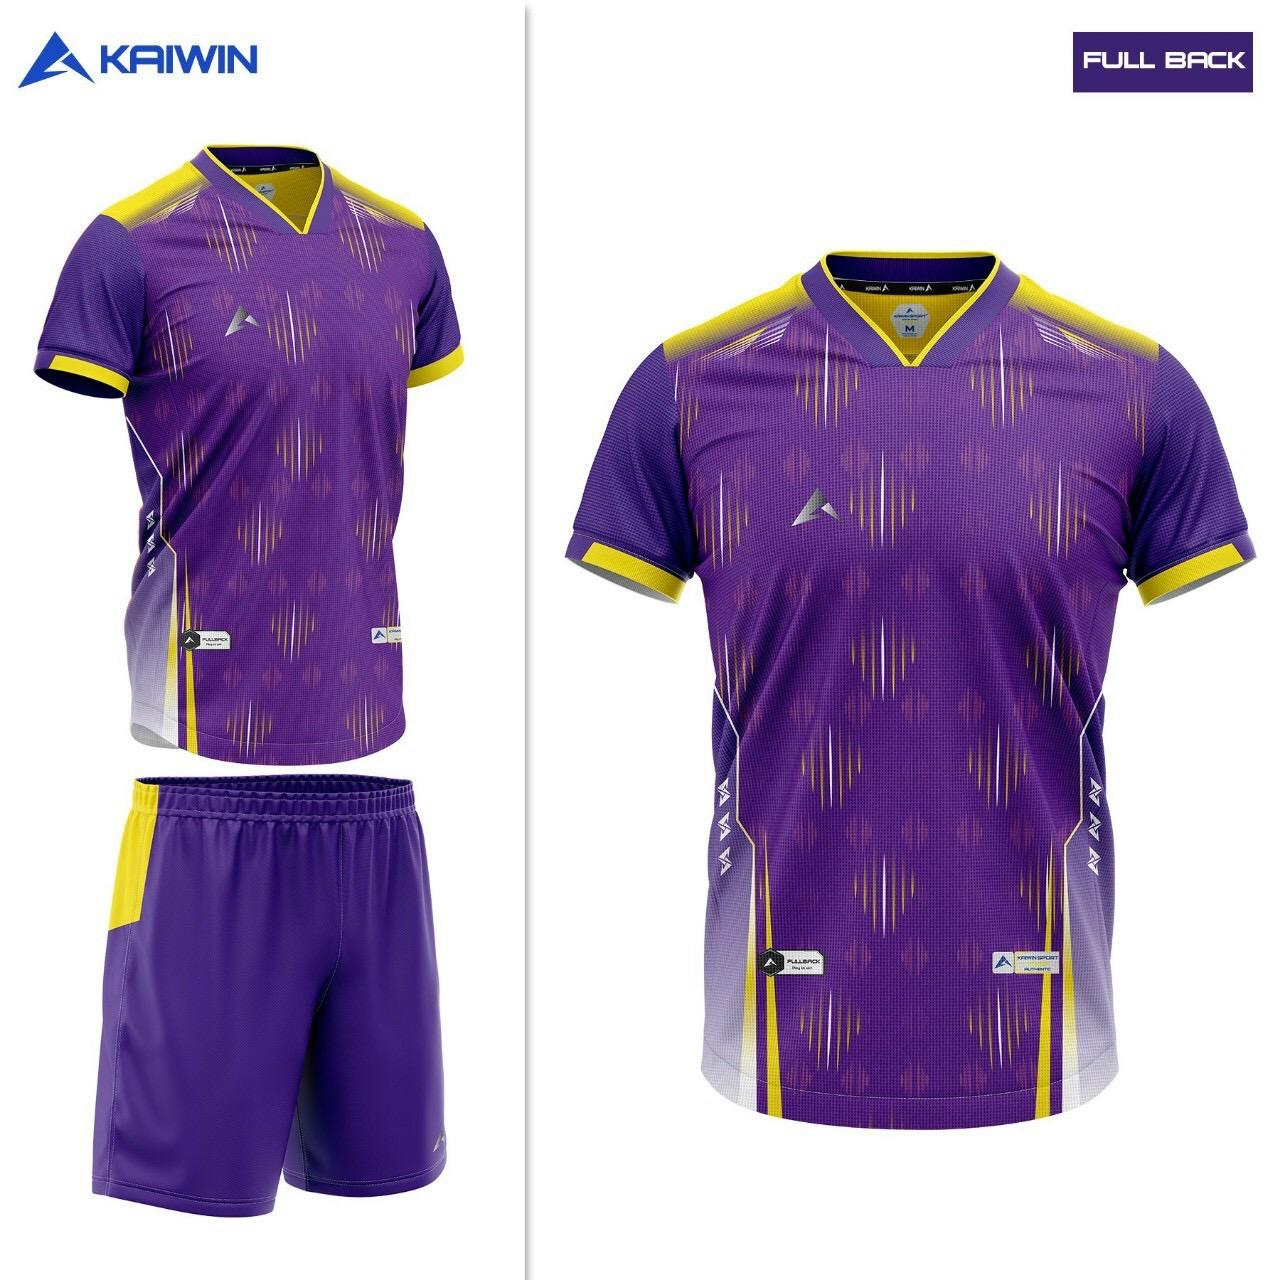 Quần áo bóng đá KAIWIN Fullback